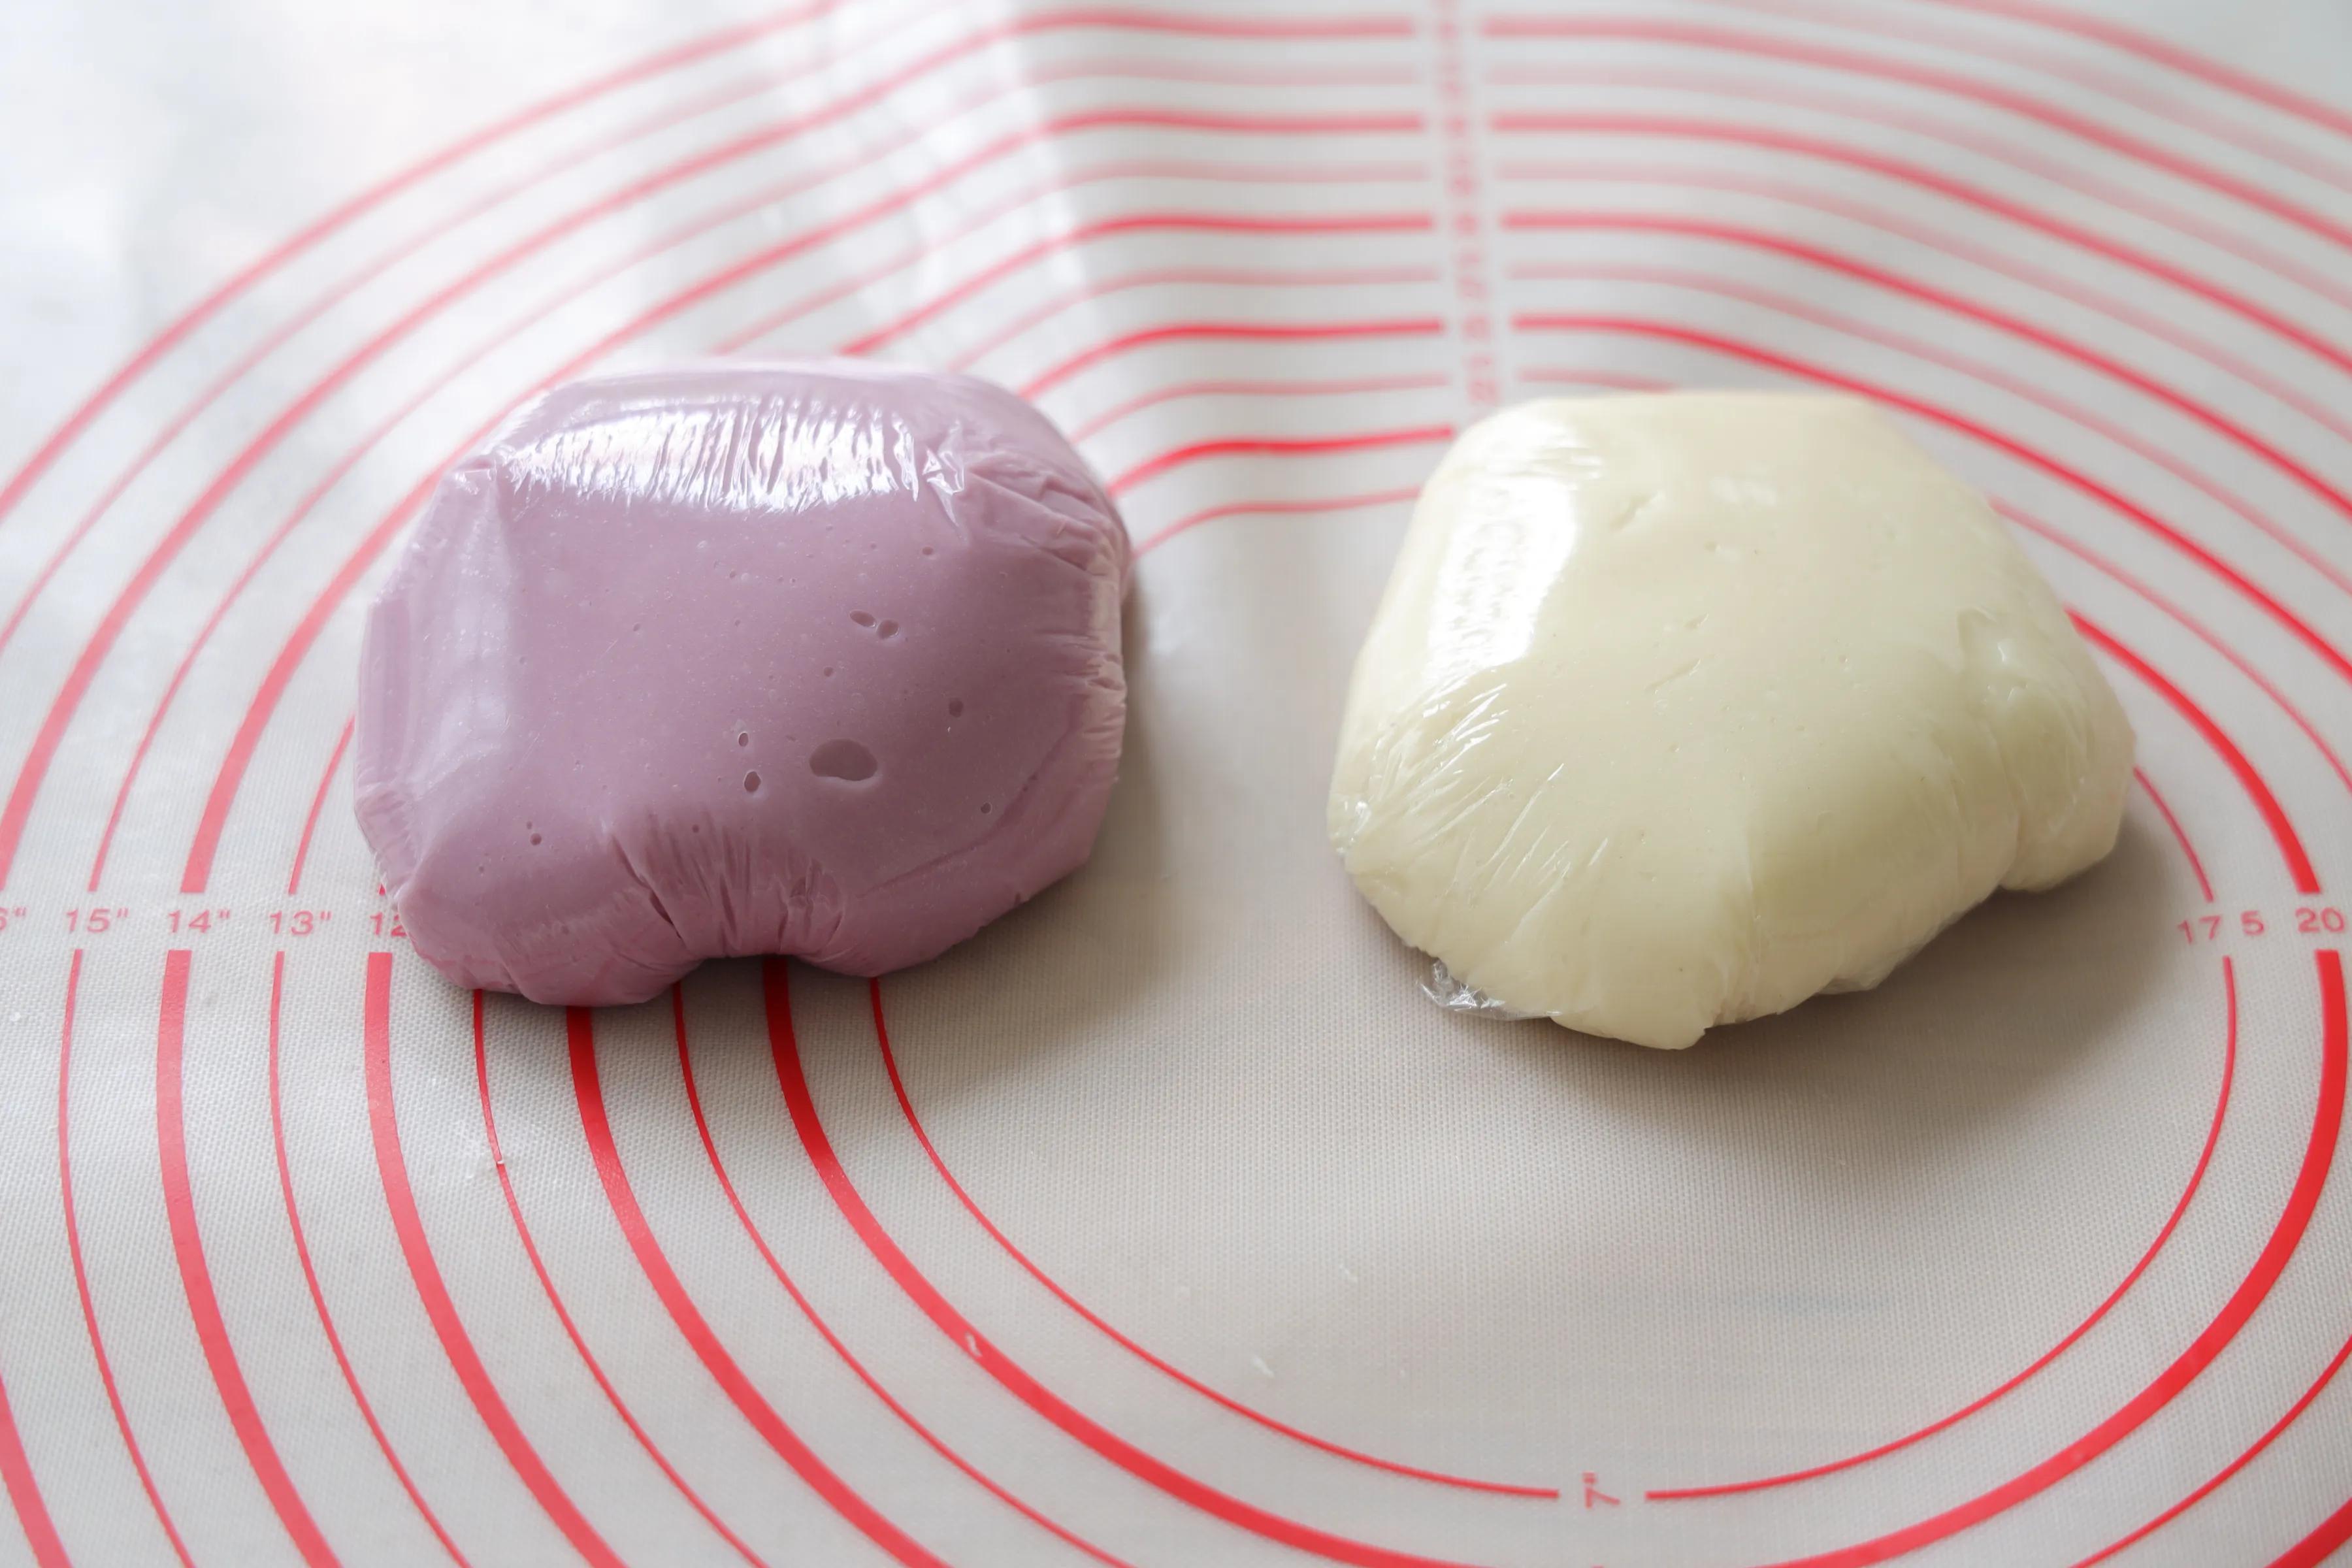 糯唧唧的芋泥凉糕,软糯香甜,咬一口还爆浆,太适合夏天了